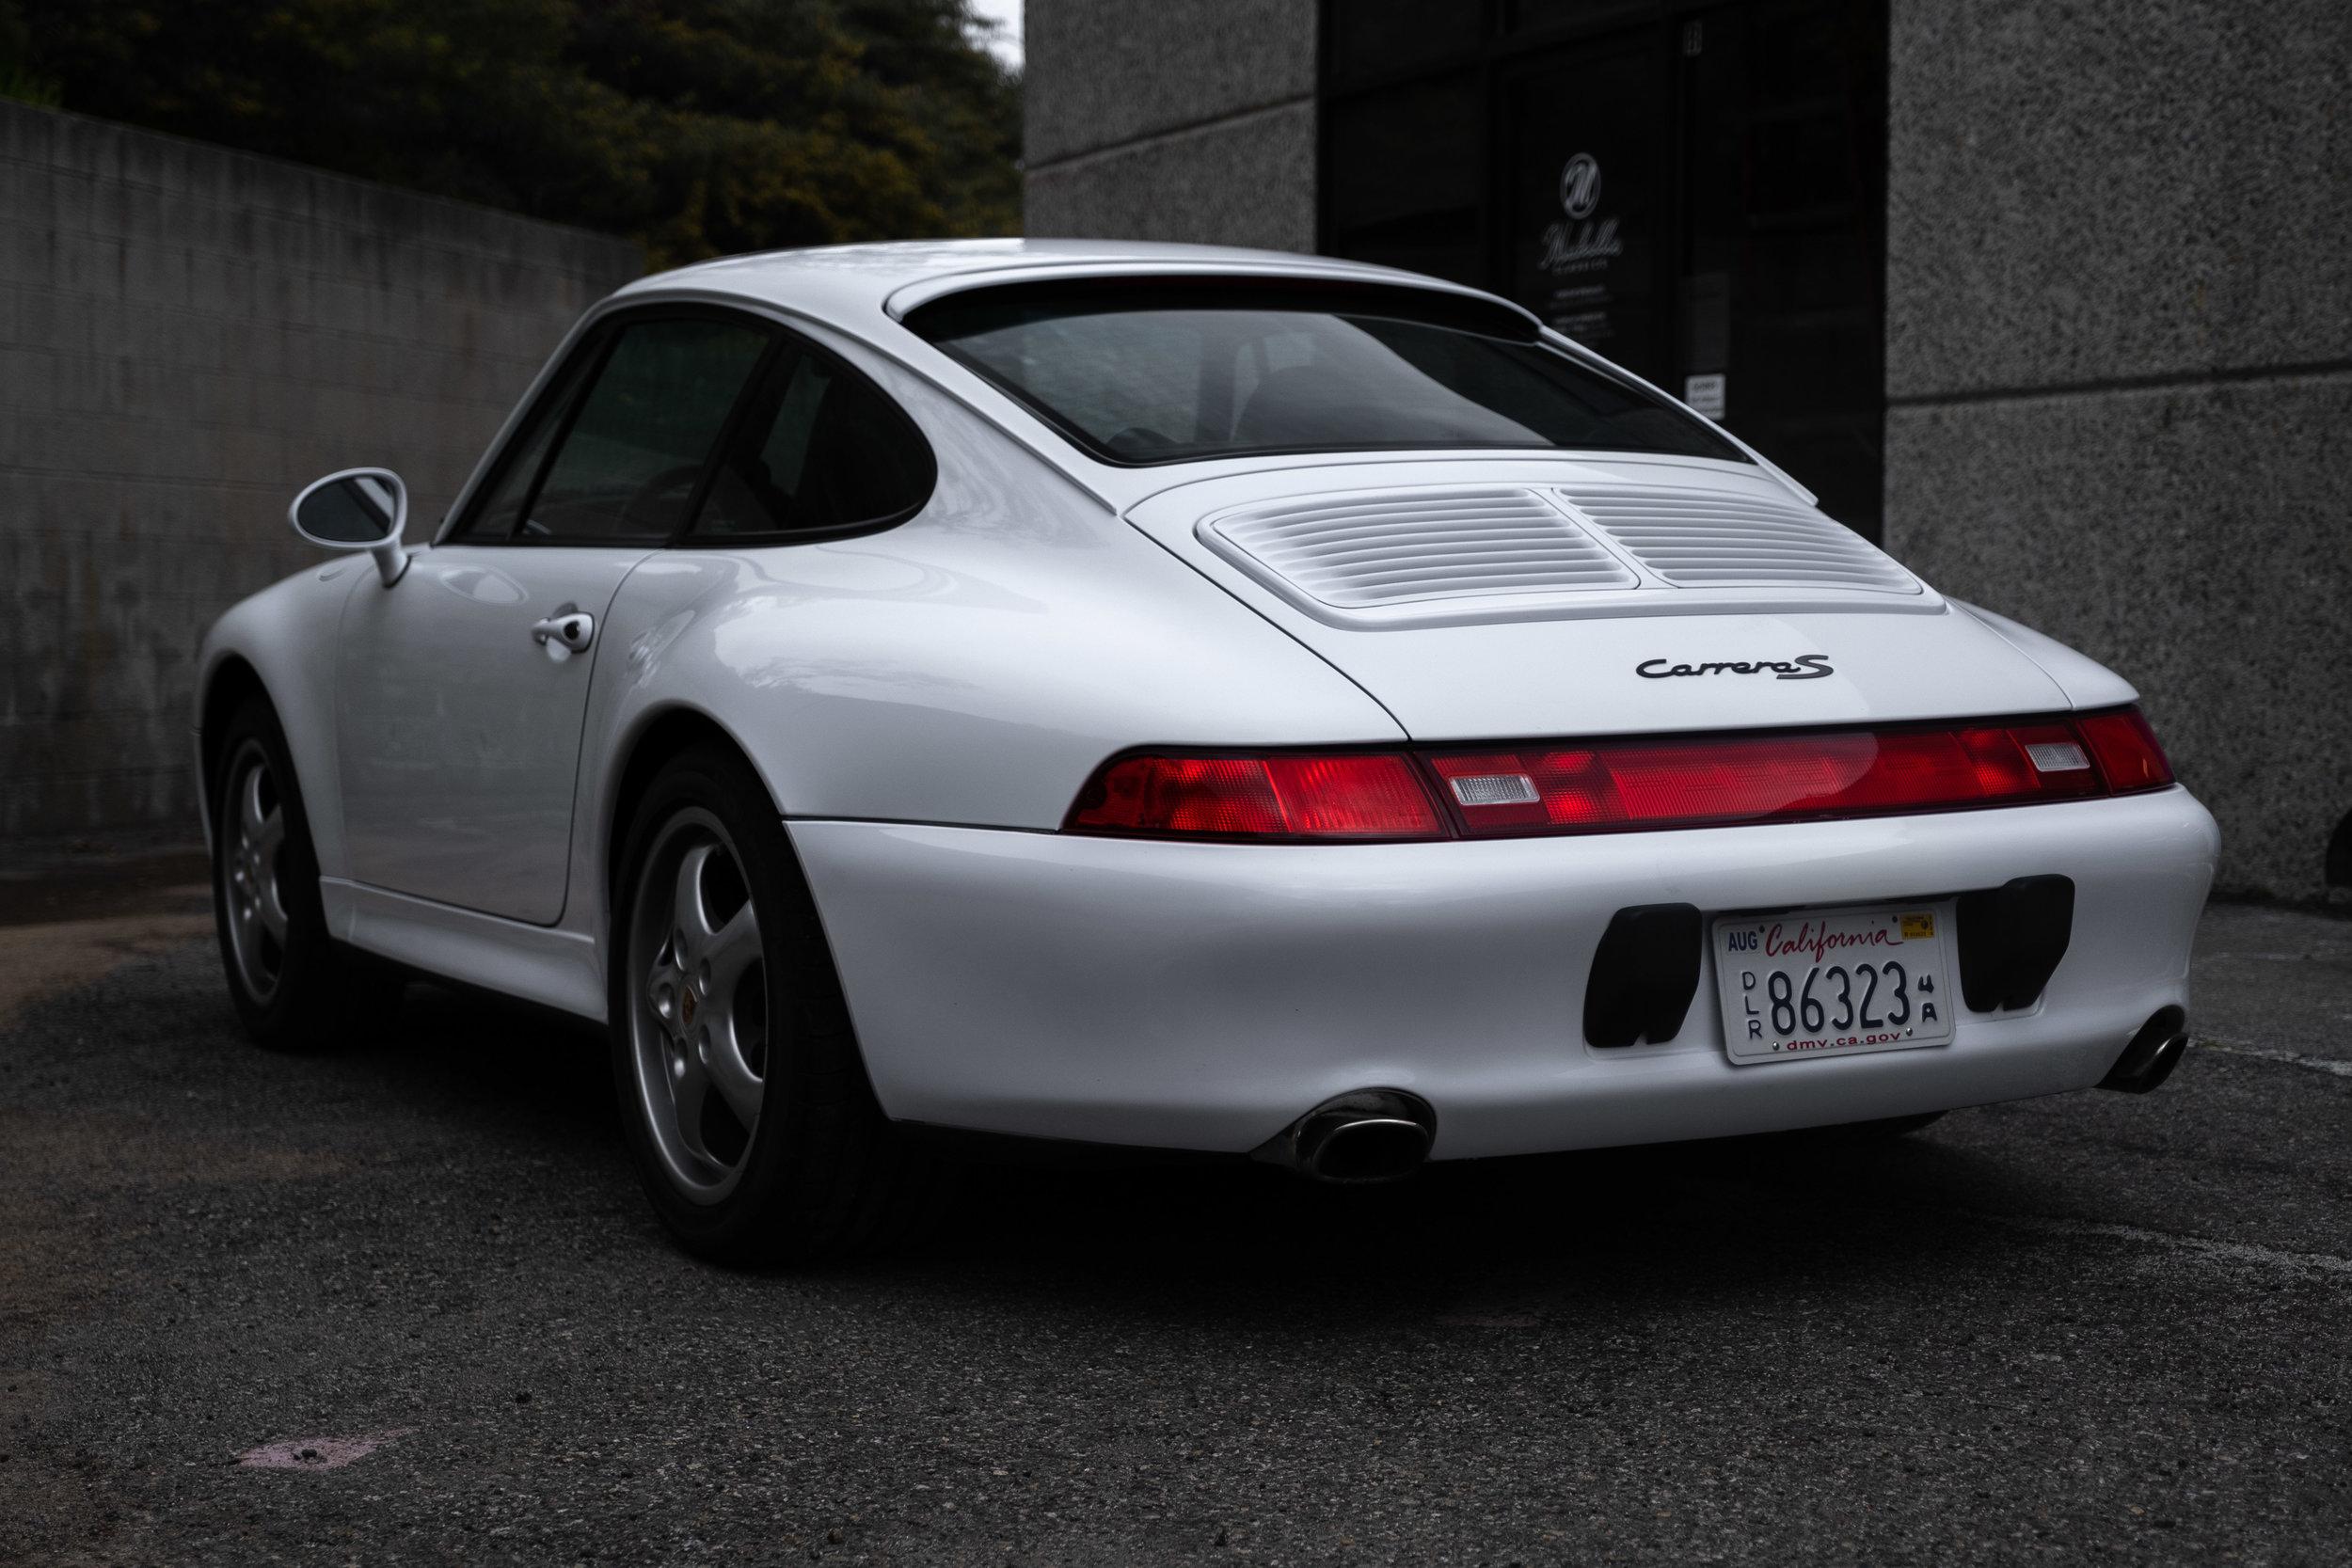 97'WhiteCarrera2S-1397.jpg